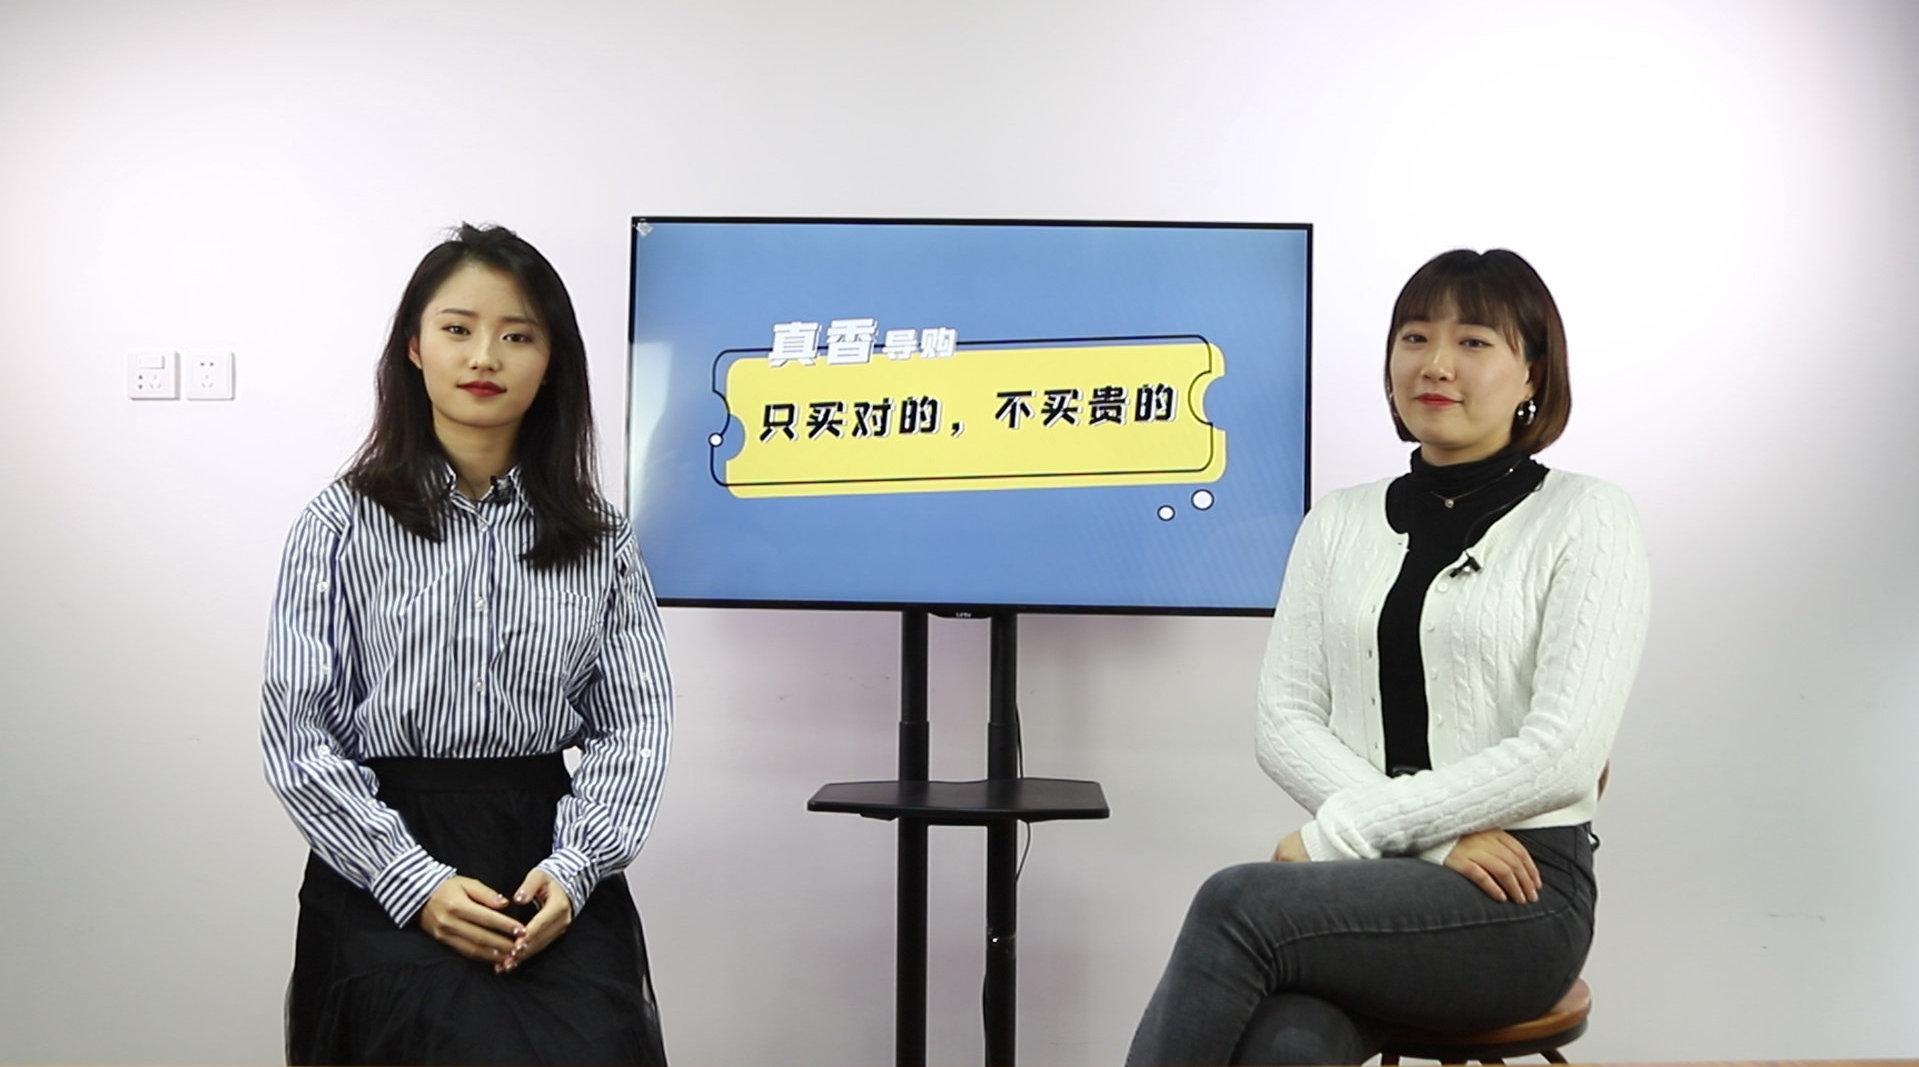 视频:十万元买长安逸动怎么样?丰田GR是什么?……